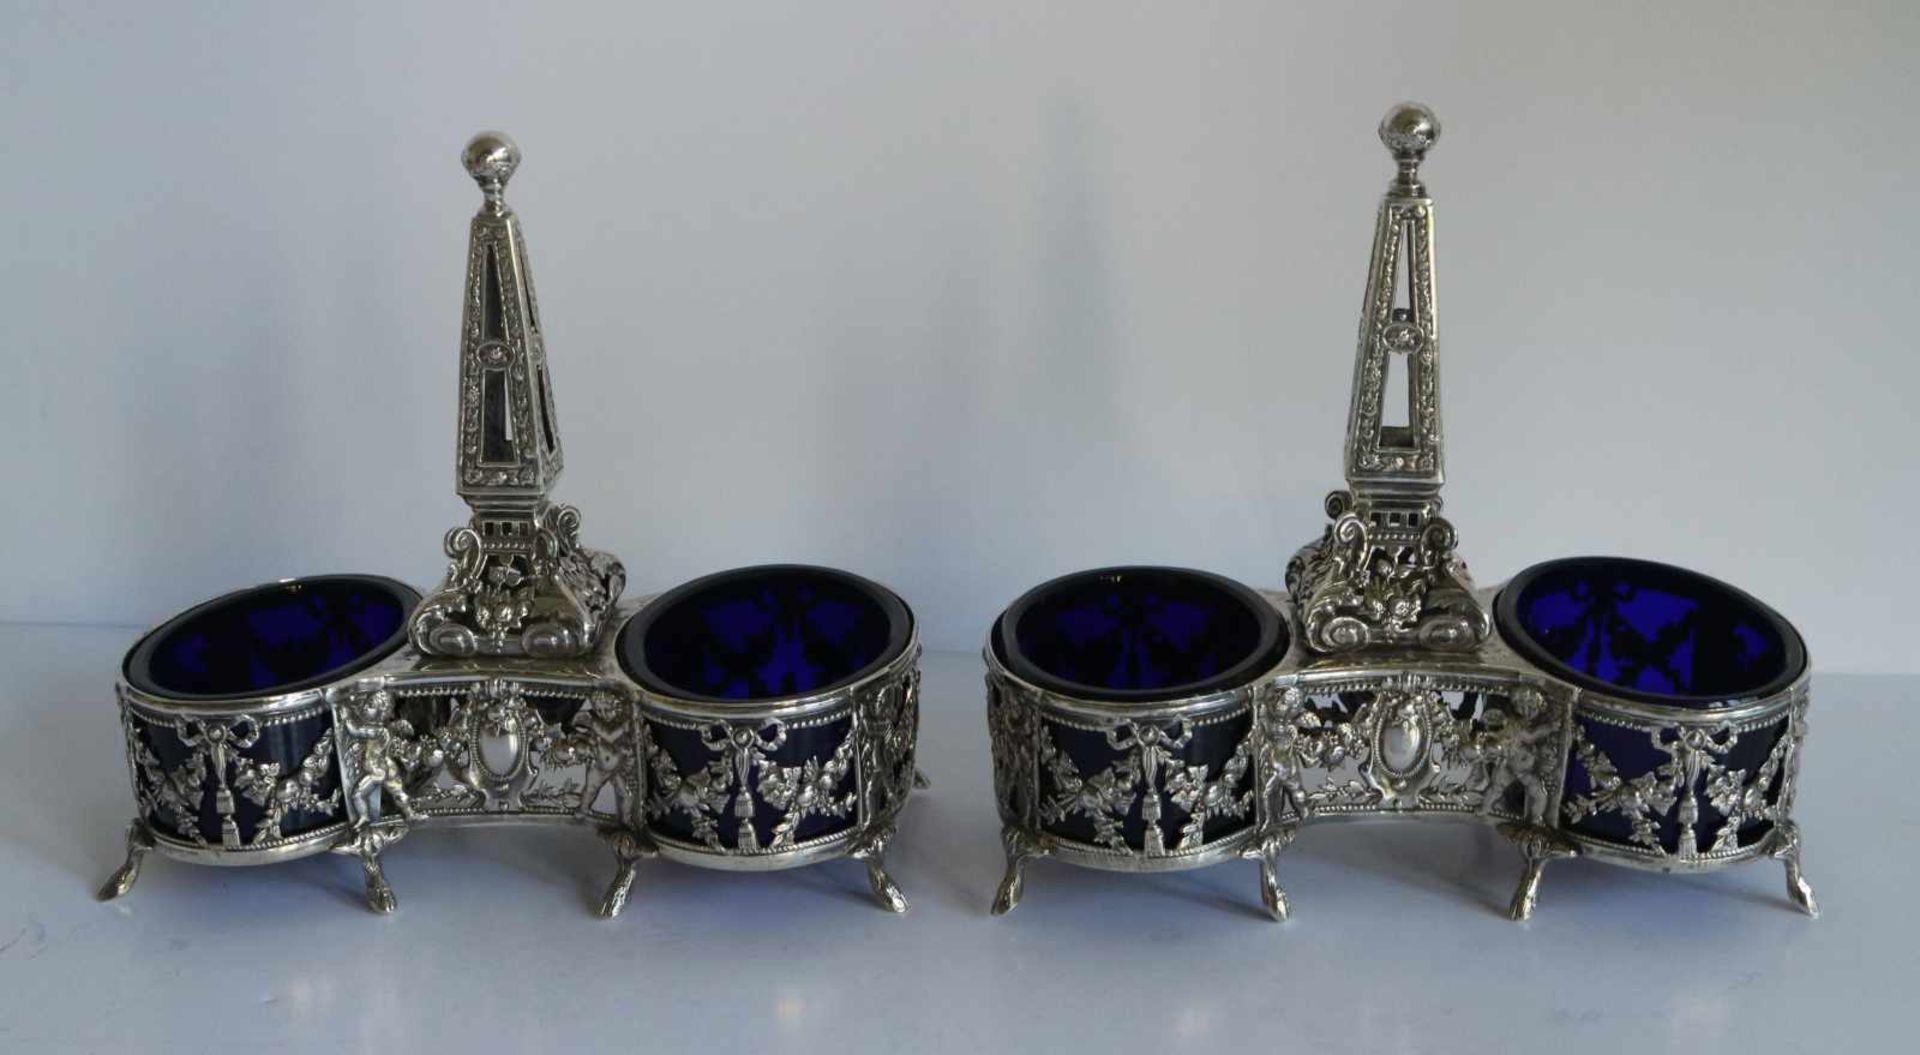 Los 19 - Silver double salt shakers with blue glass, Paris ca 1900 H 14,5 B 15 cm